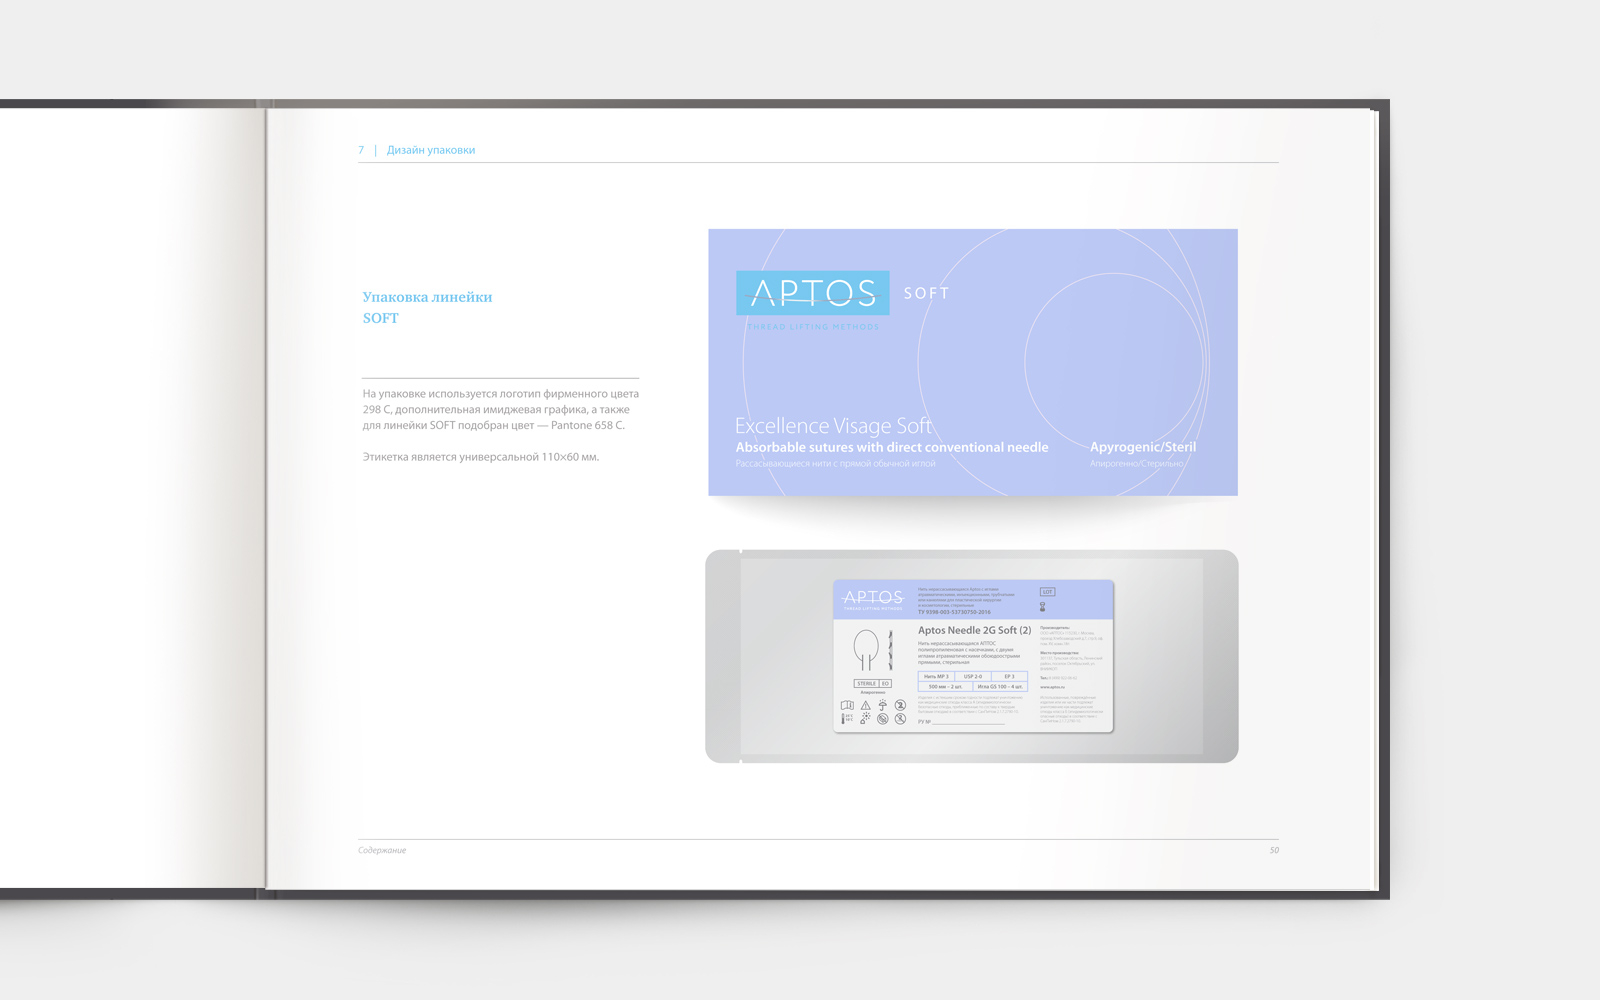 Цветовое кодирование и дизайн упаковки продуктов линейки Aptos Soft